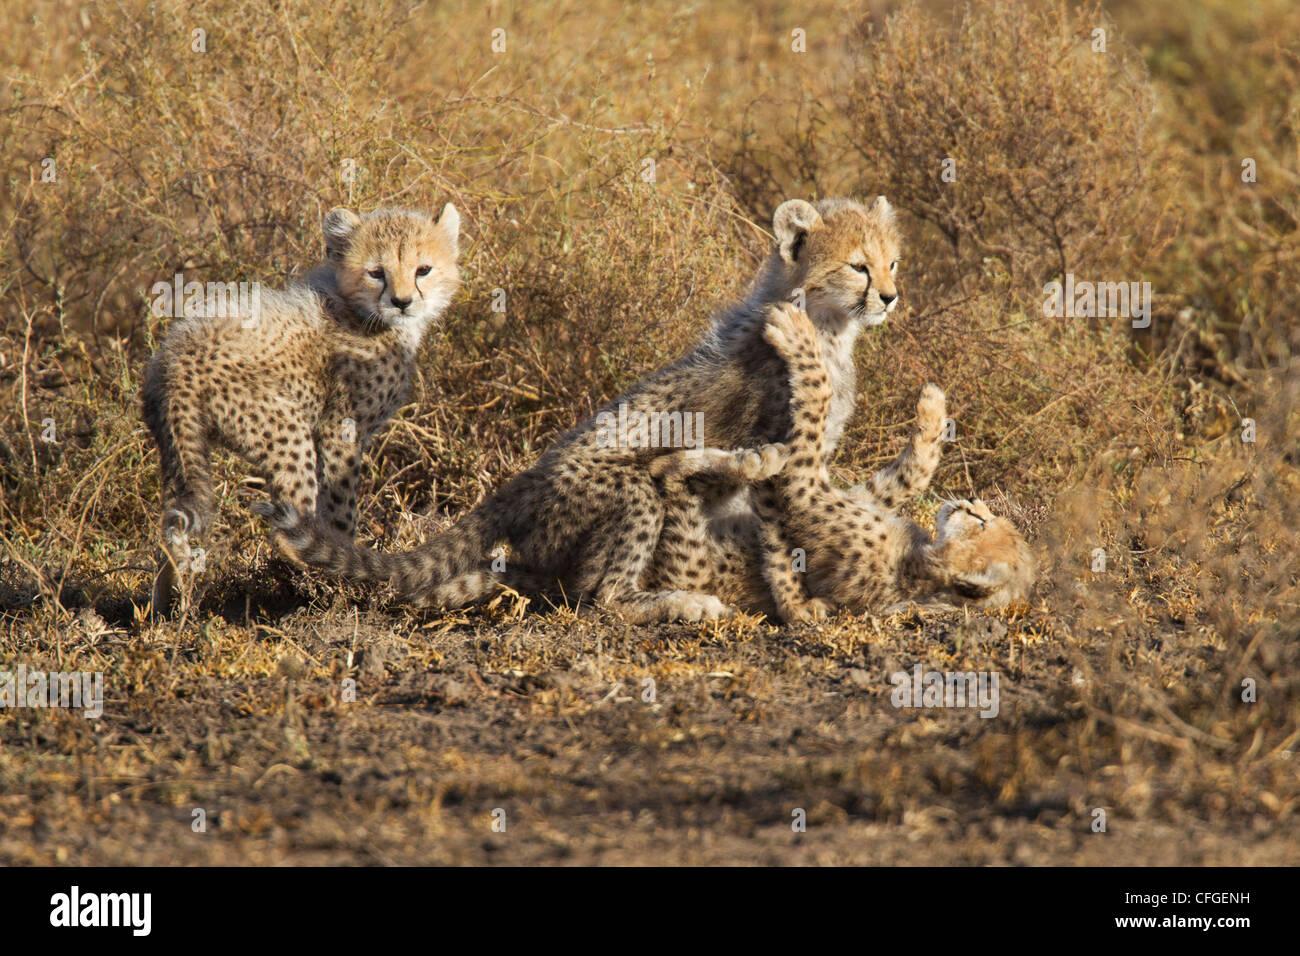 Cheetah club a giocare Immagini Stock